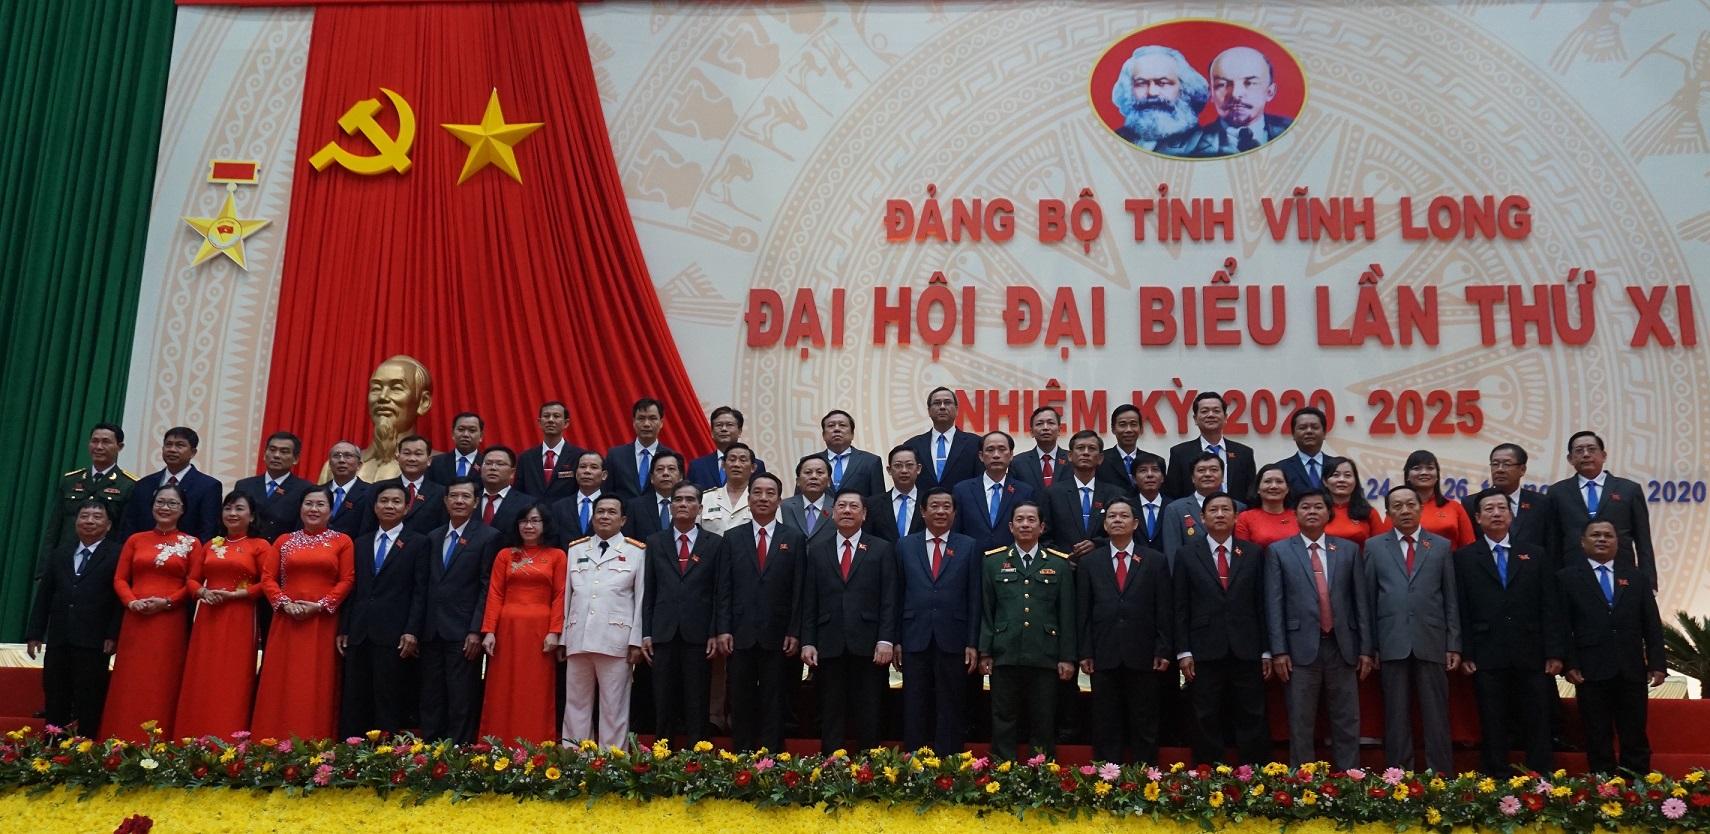 Bế mạc Đại hội đại biểu Đảng bộ tỉnh Vĩnh Long lần thứ XI